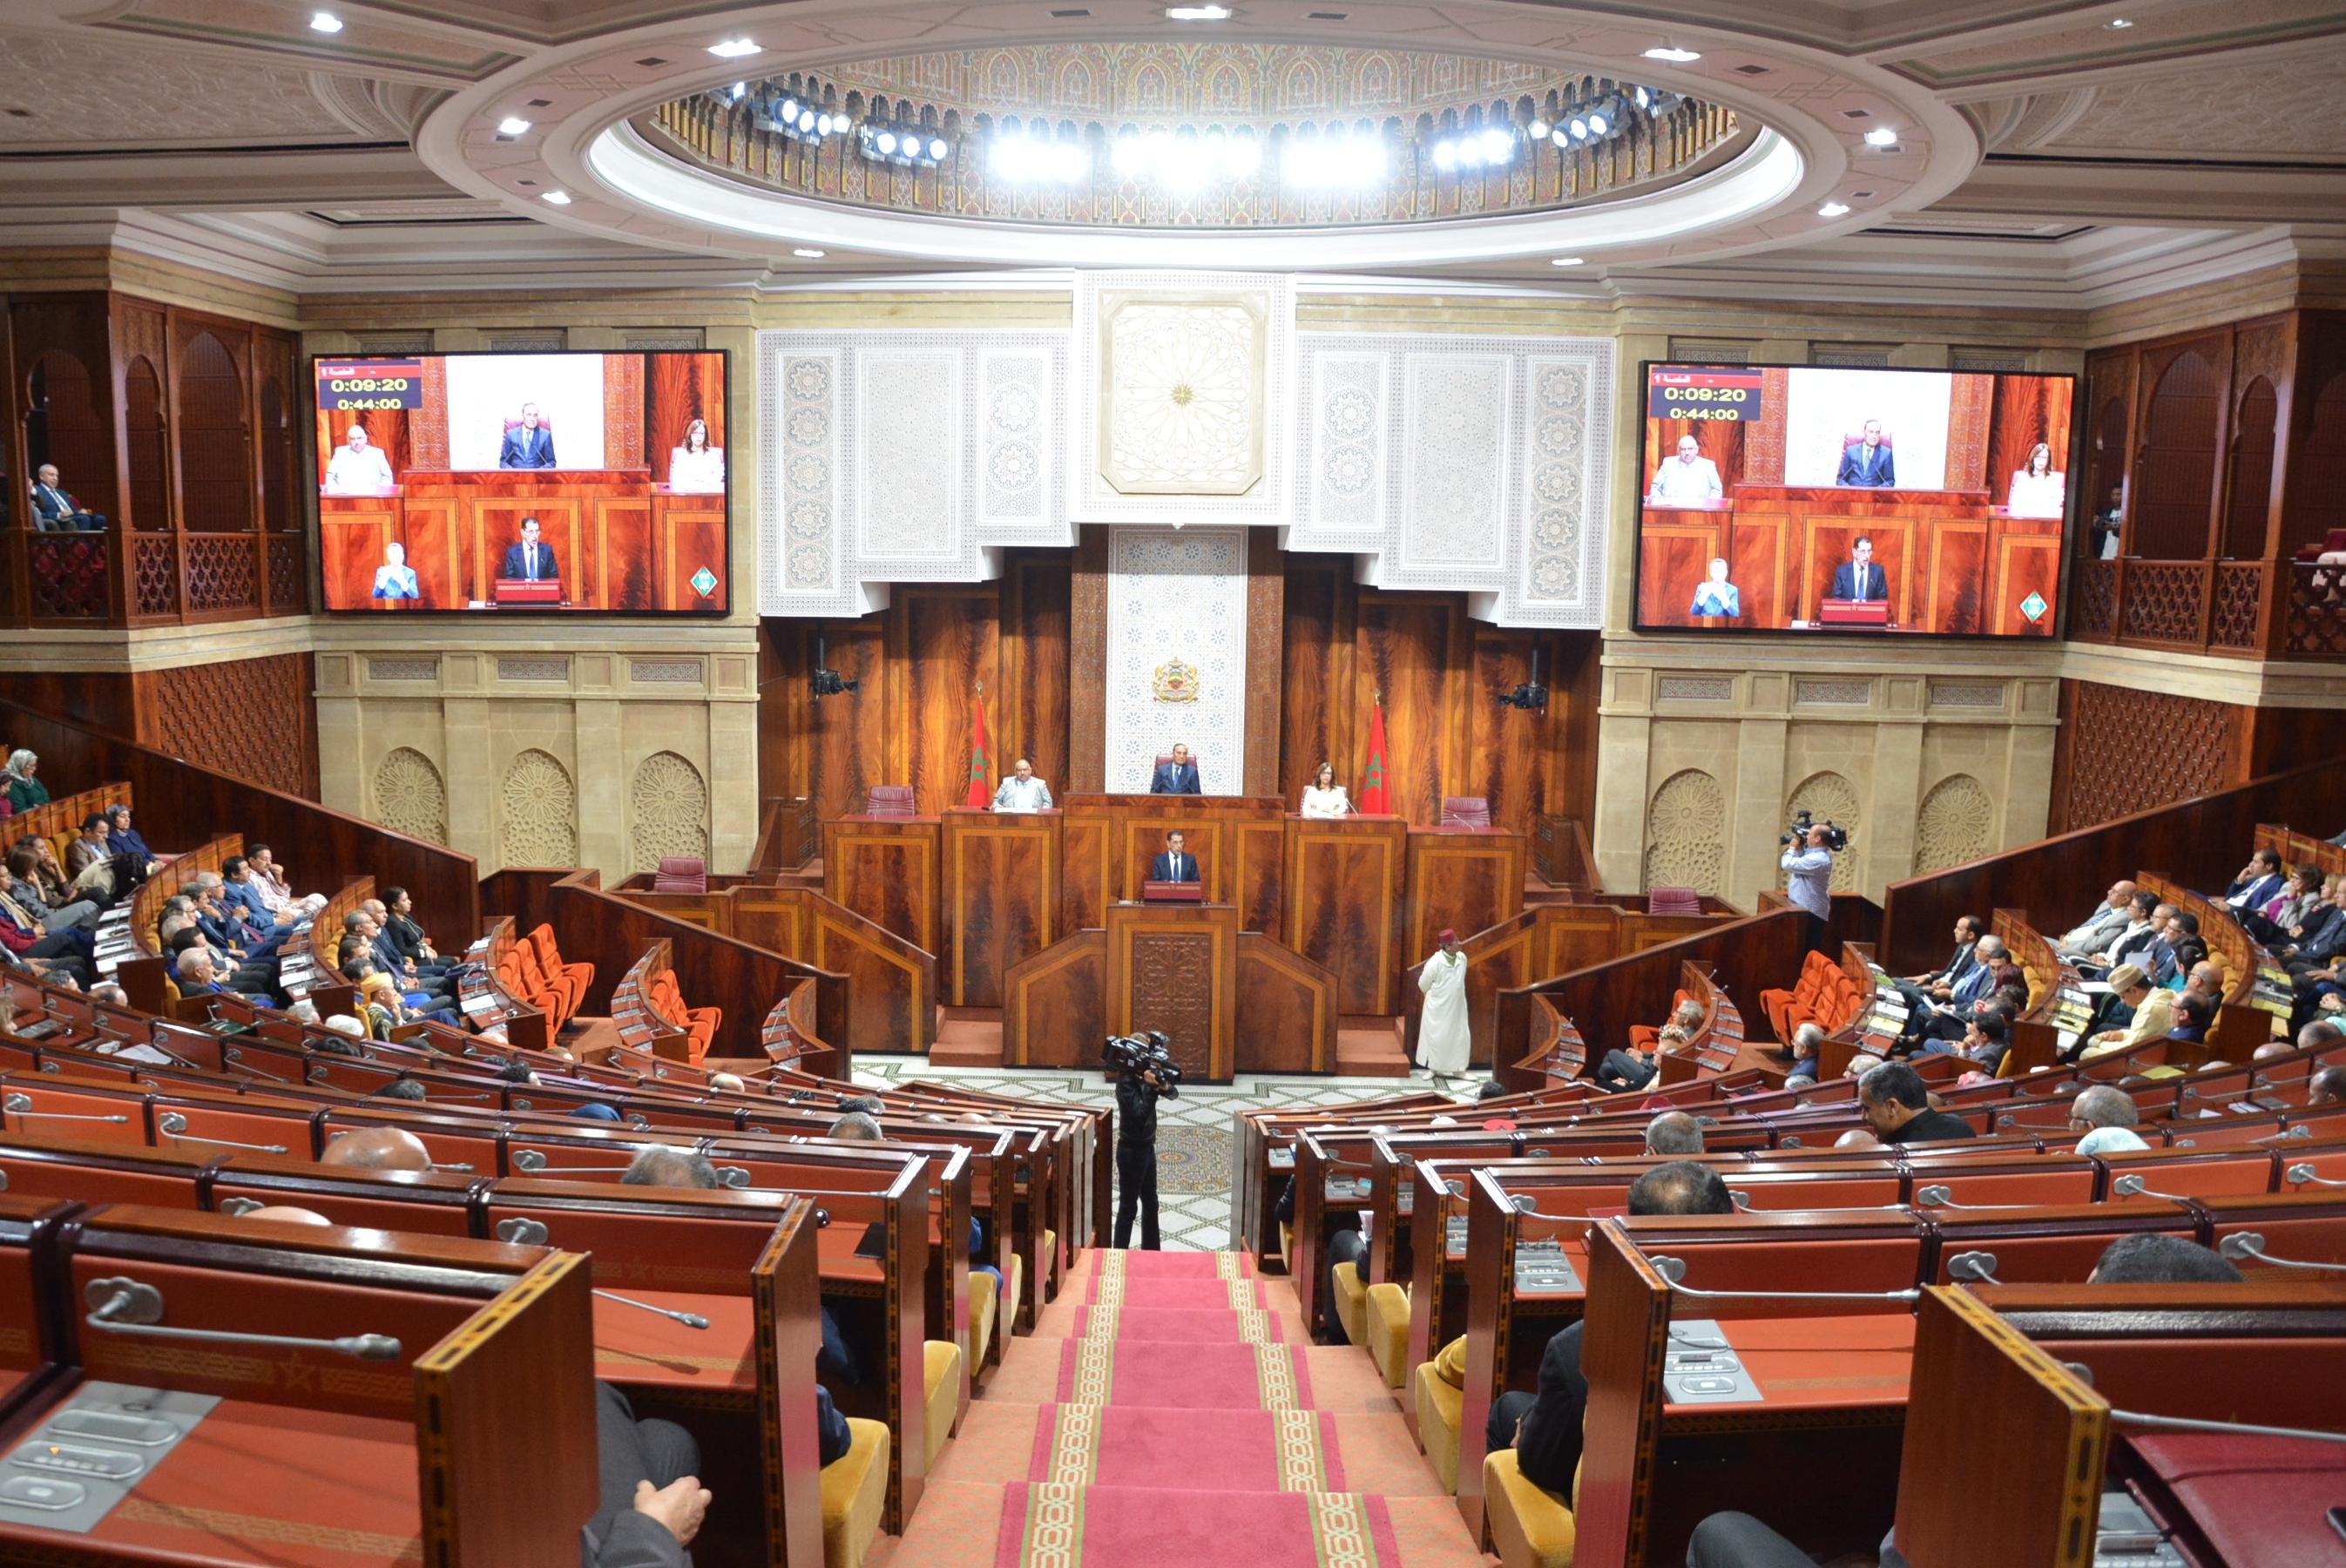 اختصاصات اللجن الدائمة بمجلس النواب